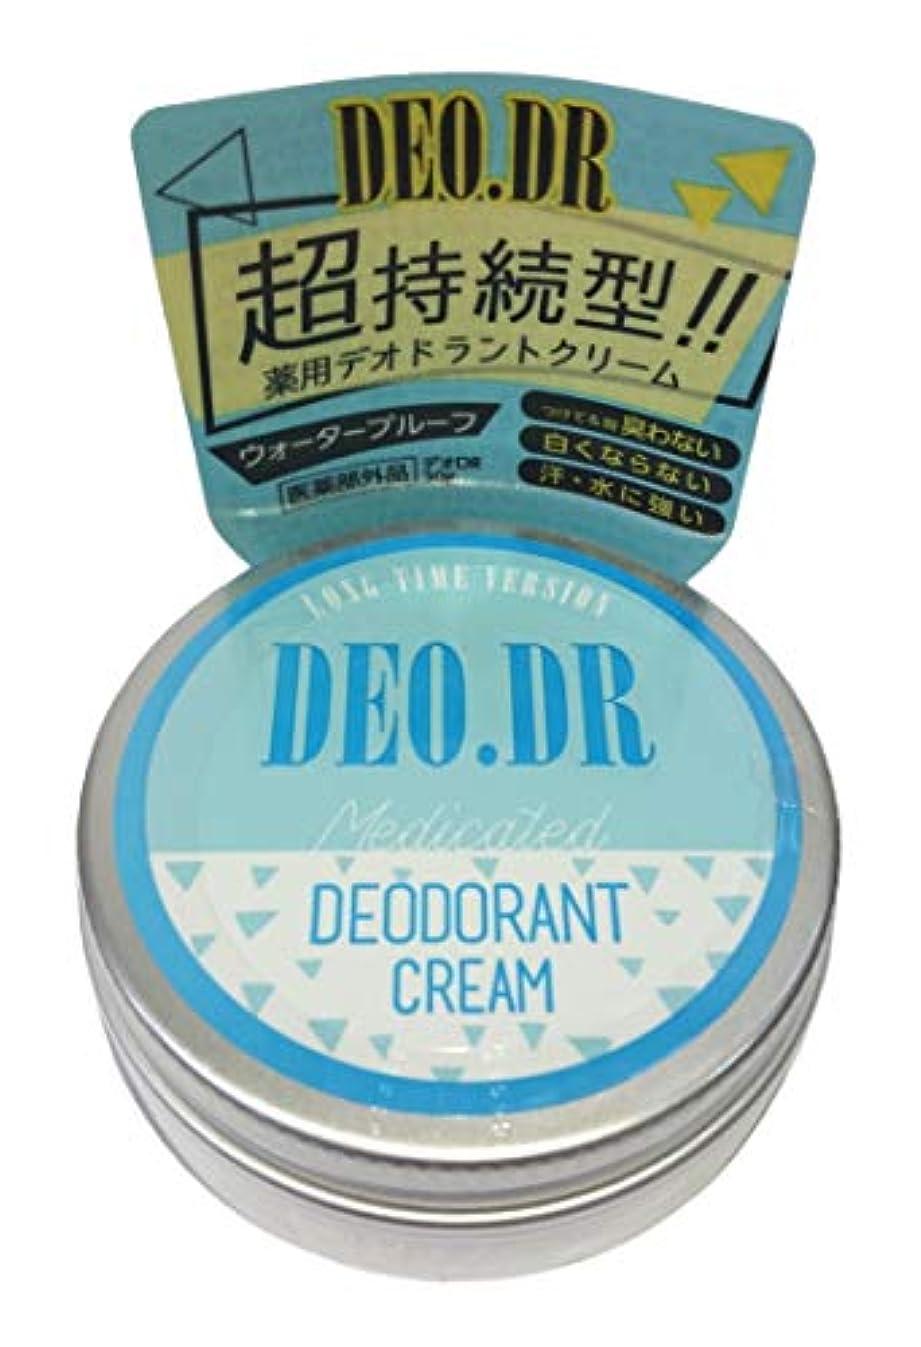 オーロック共役鮮やかなデオDR (DEO.DR) 薬用クリーム 【医薬部外品】 3個セット